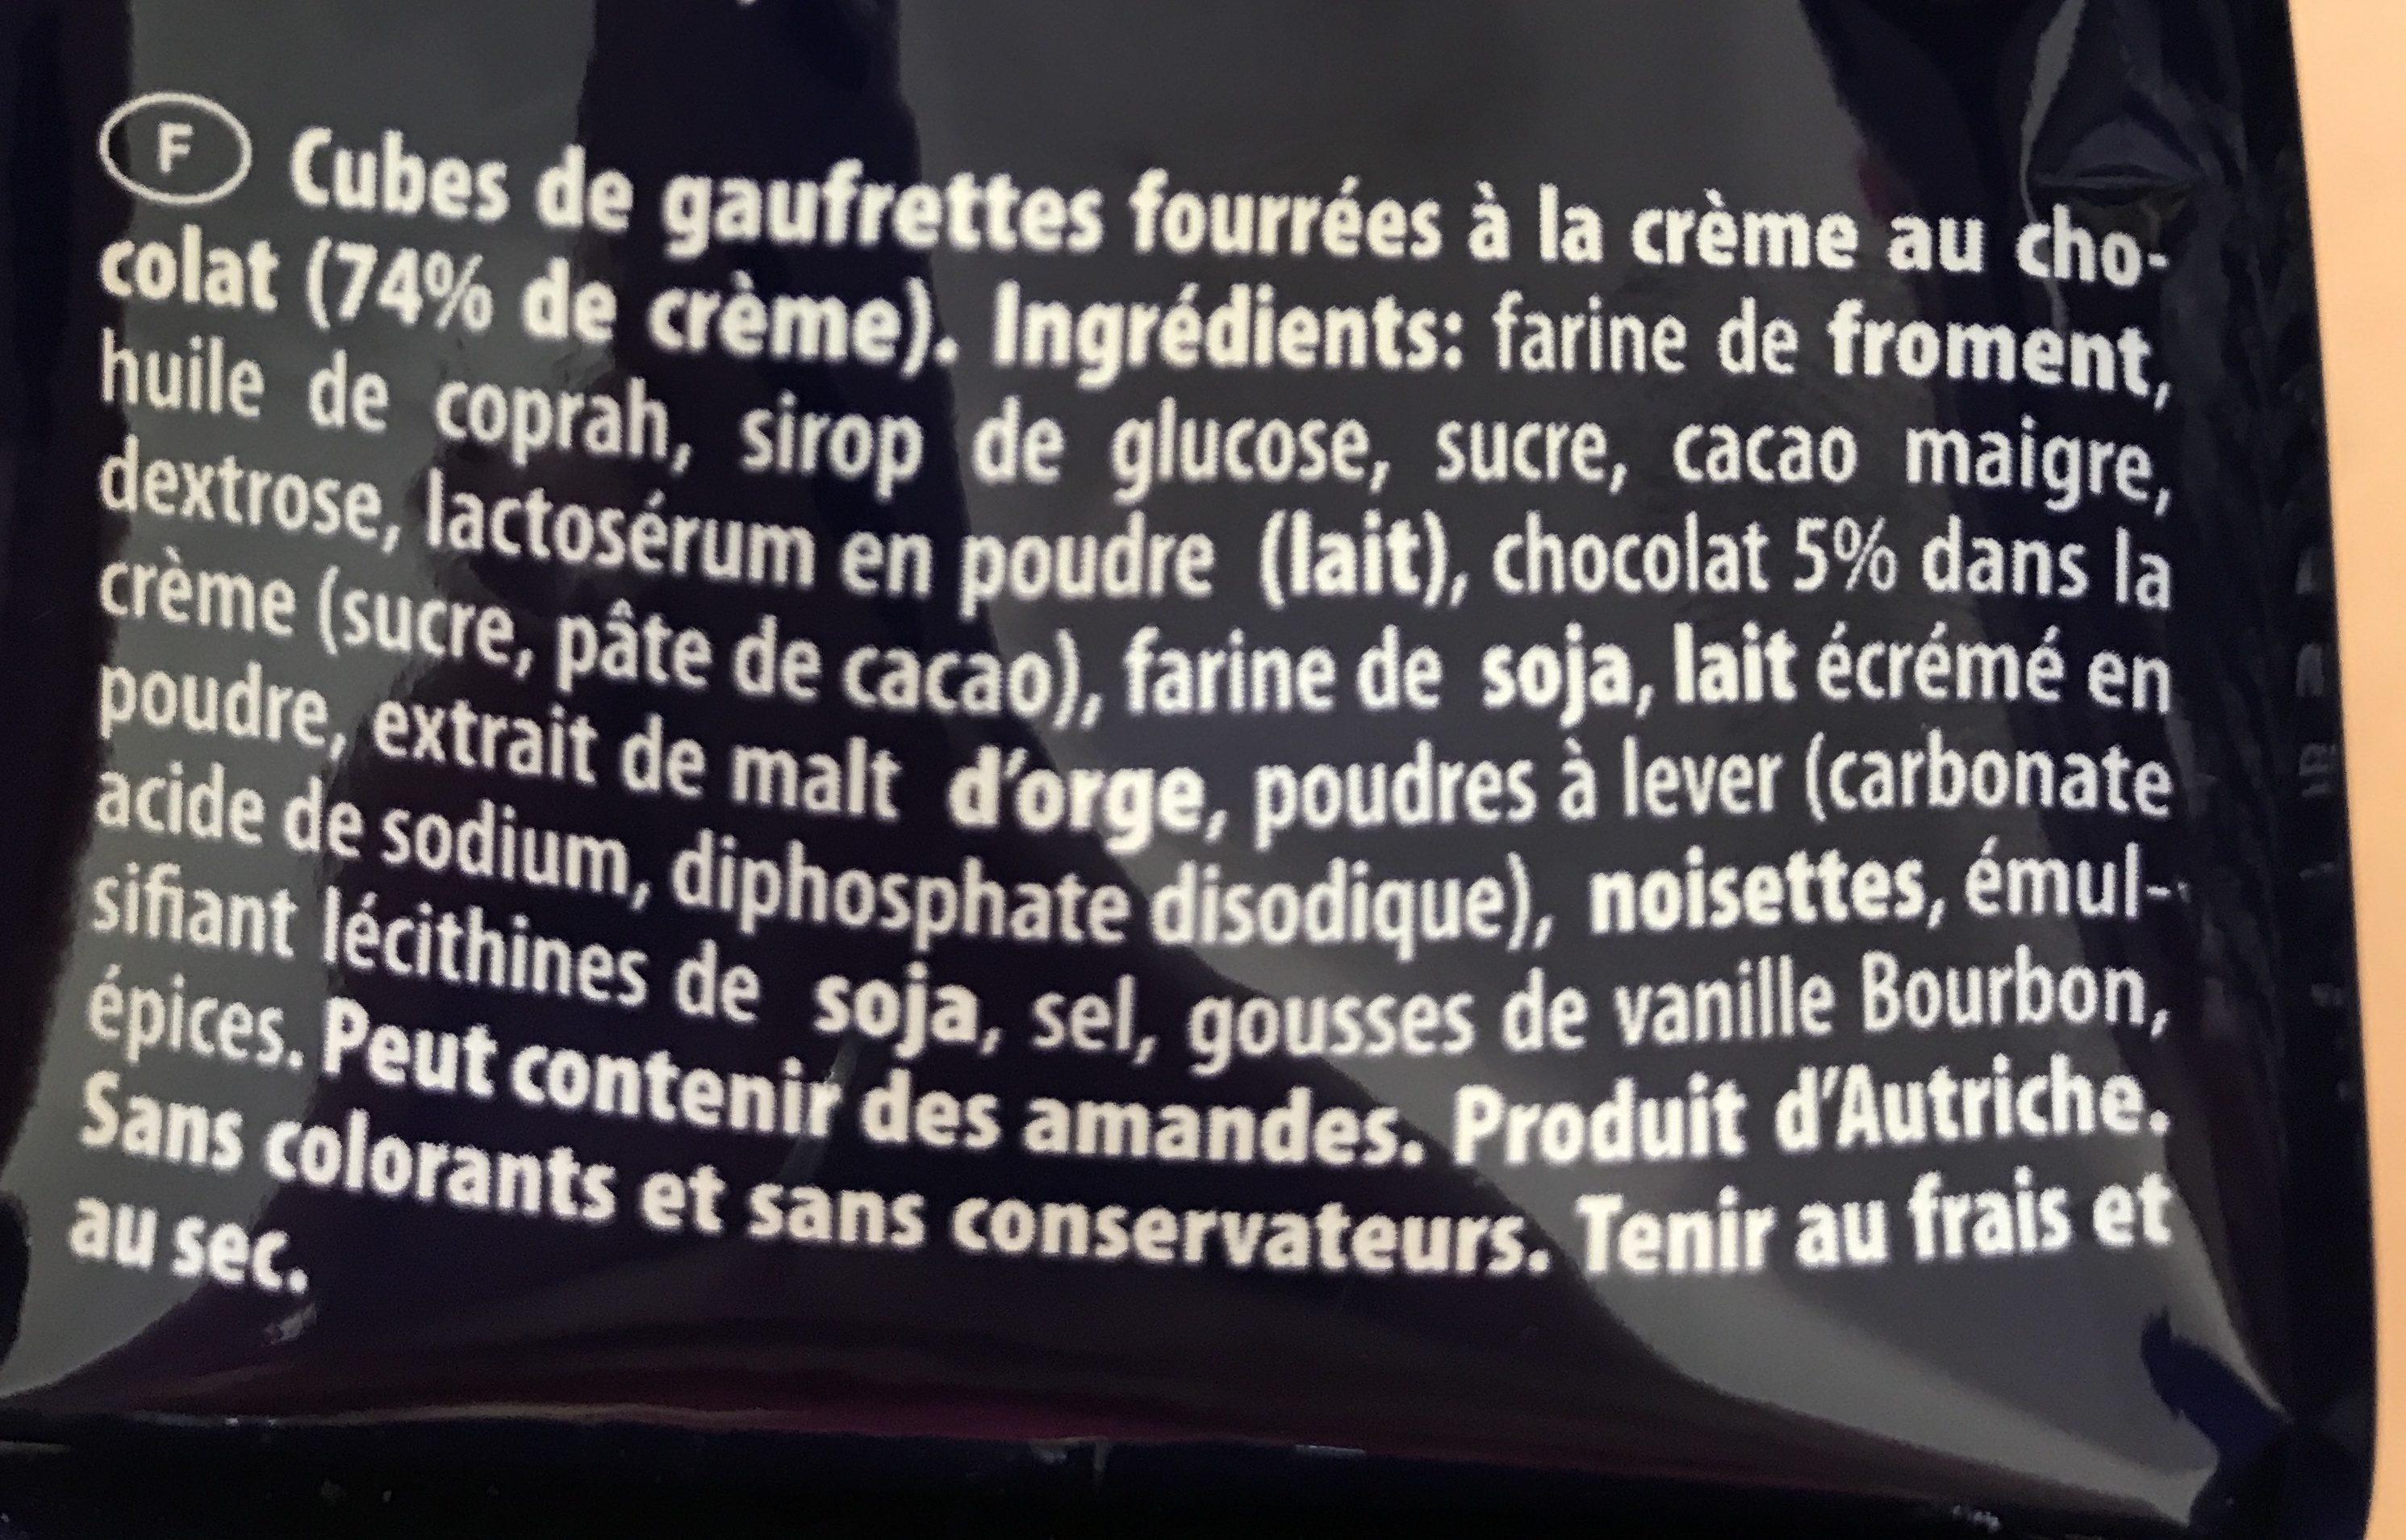 Quadratini chocolat 125G - Ingredients - fr